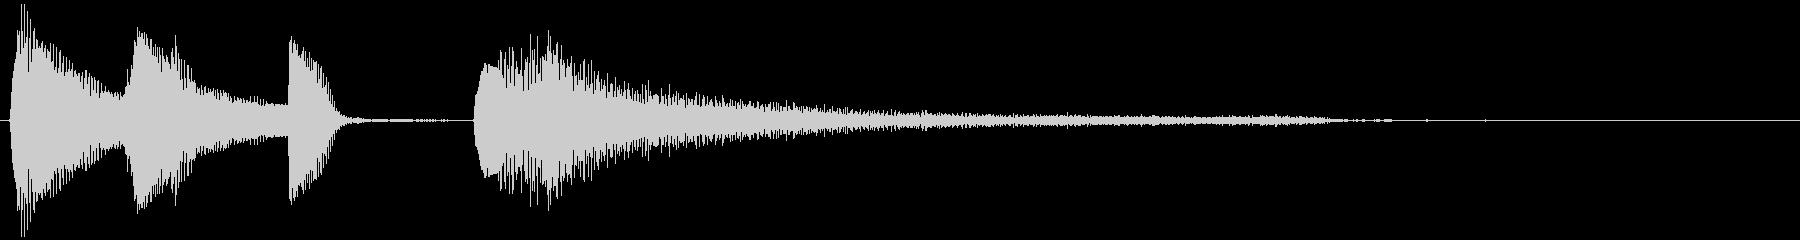 短いピアノサウンドロゴ_エンディングの未再生の波形